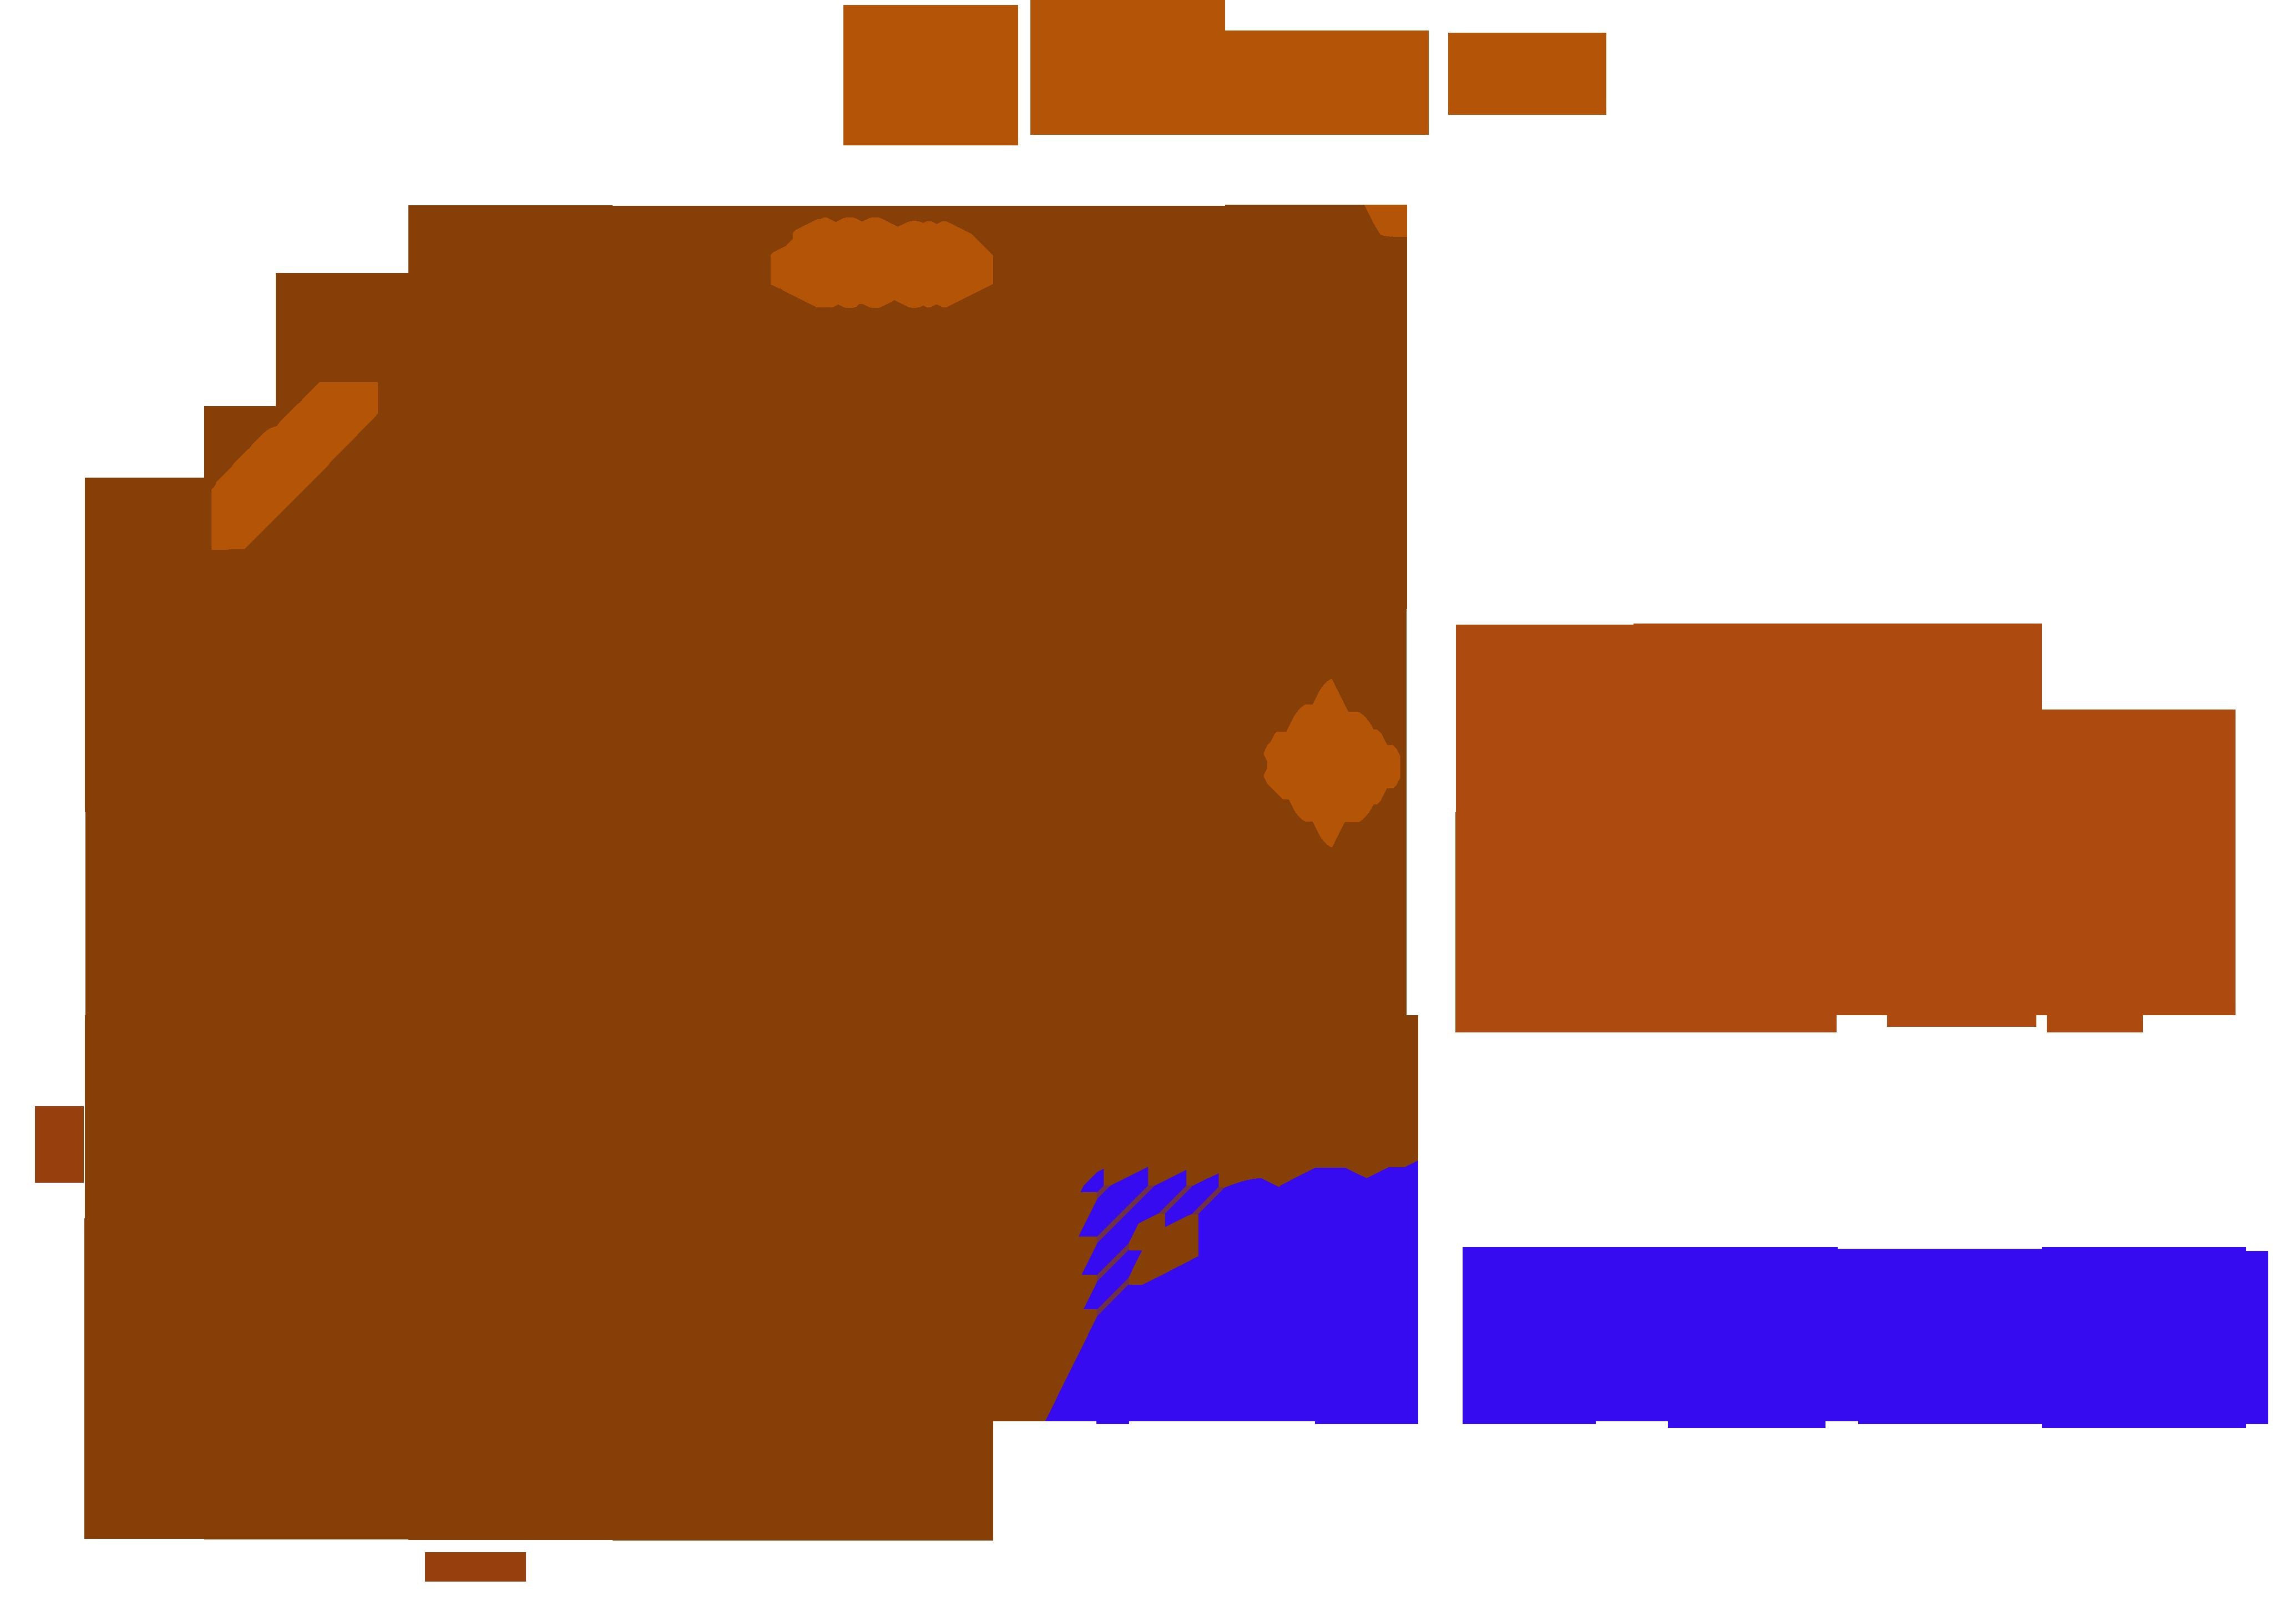 М - Кубический метр. Конвертер величин (объём, Метрическая) 873